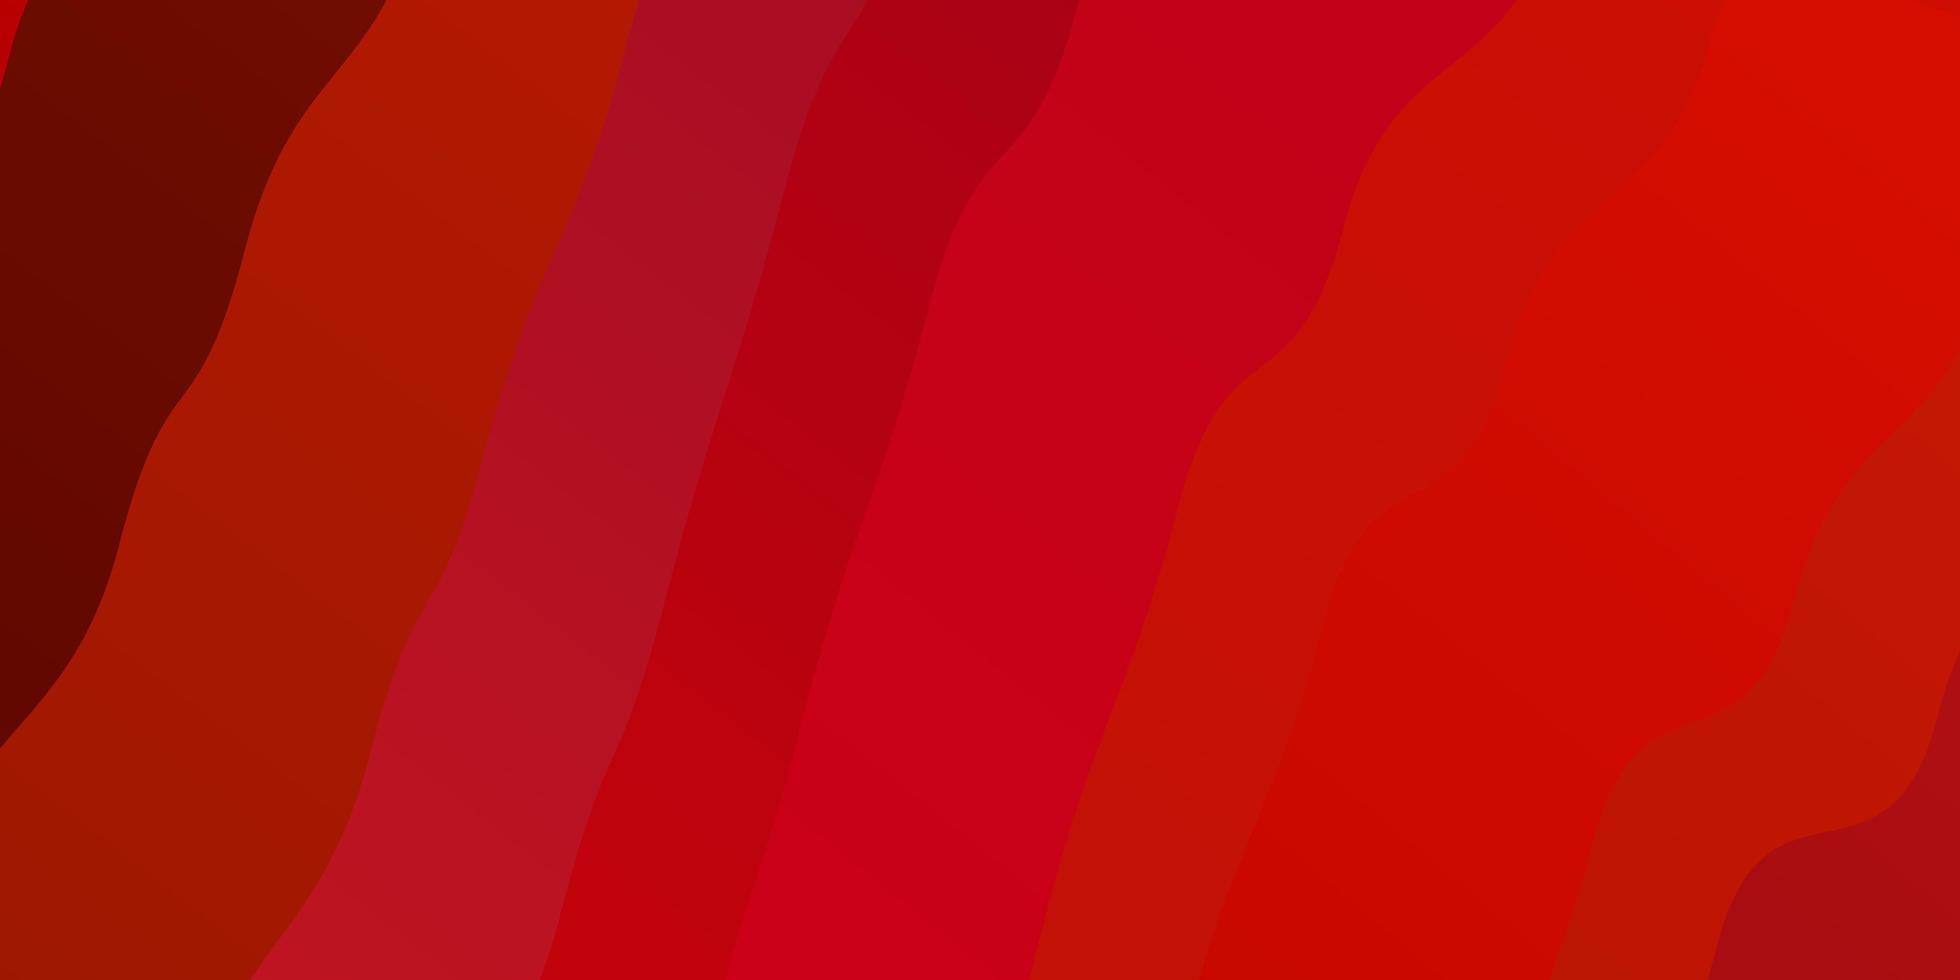 plantilla de vector rojo oscuro con líneas curvas.